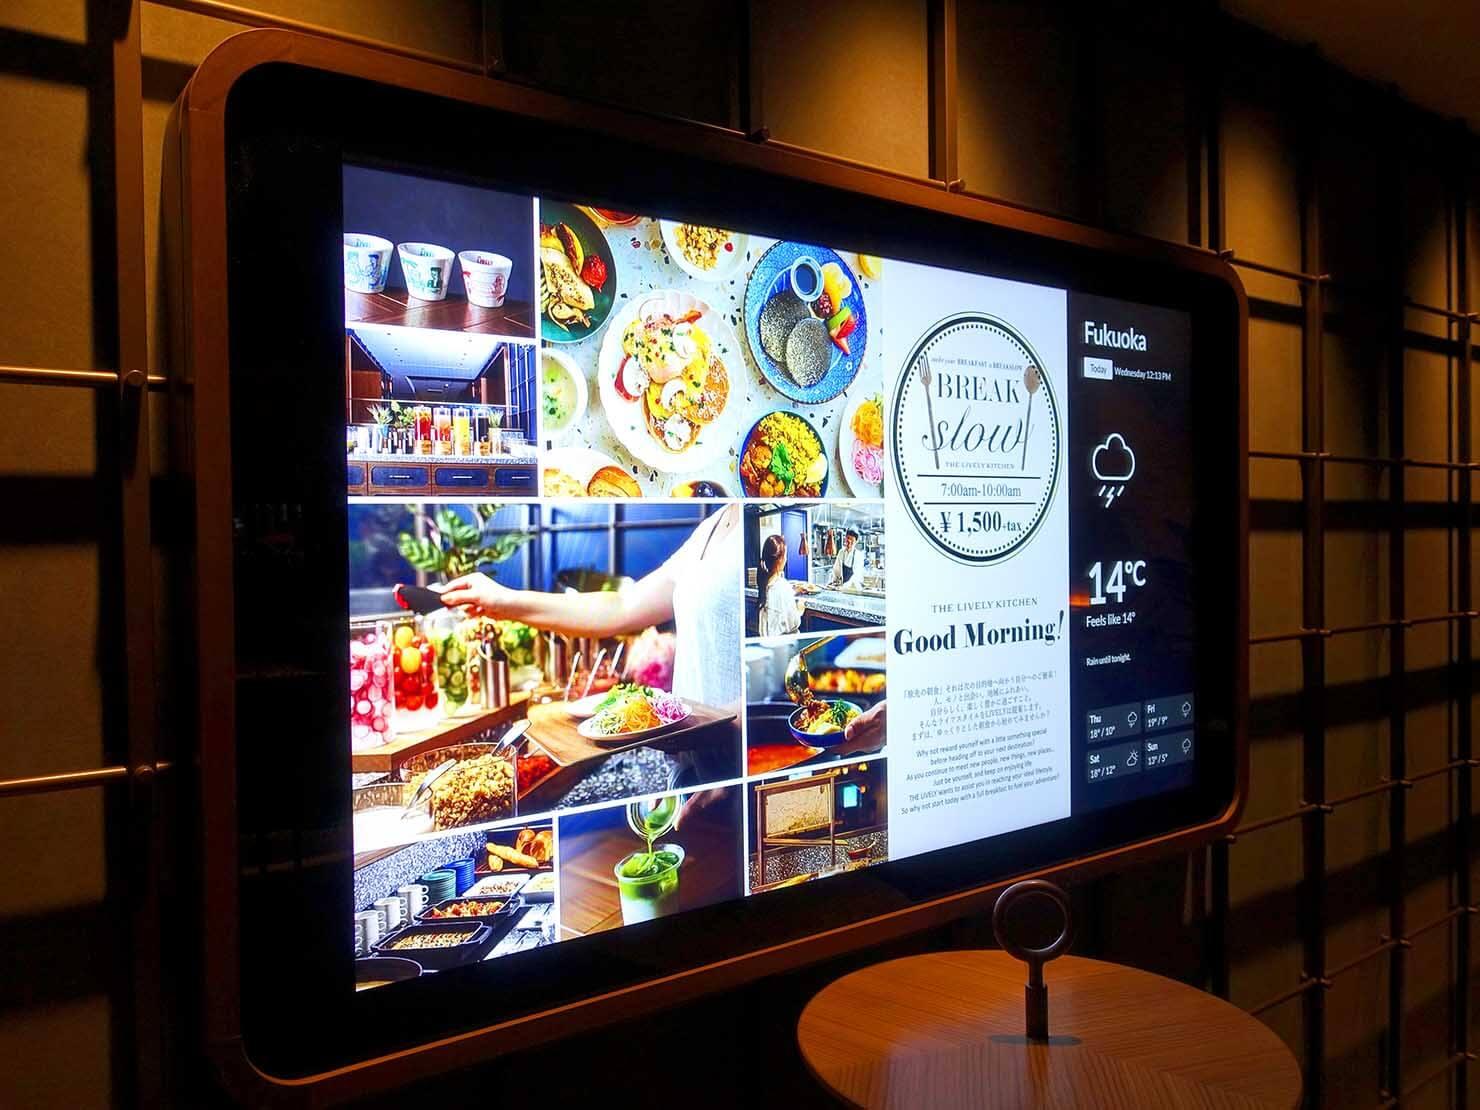 福岡・中洲川端にあるおしゃれなおすすめホテル「THE LIVELY」1Fロビーのレストラン紹介モニター